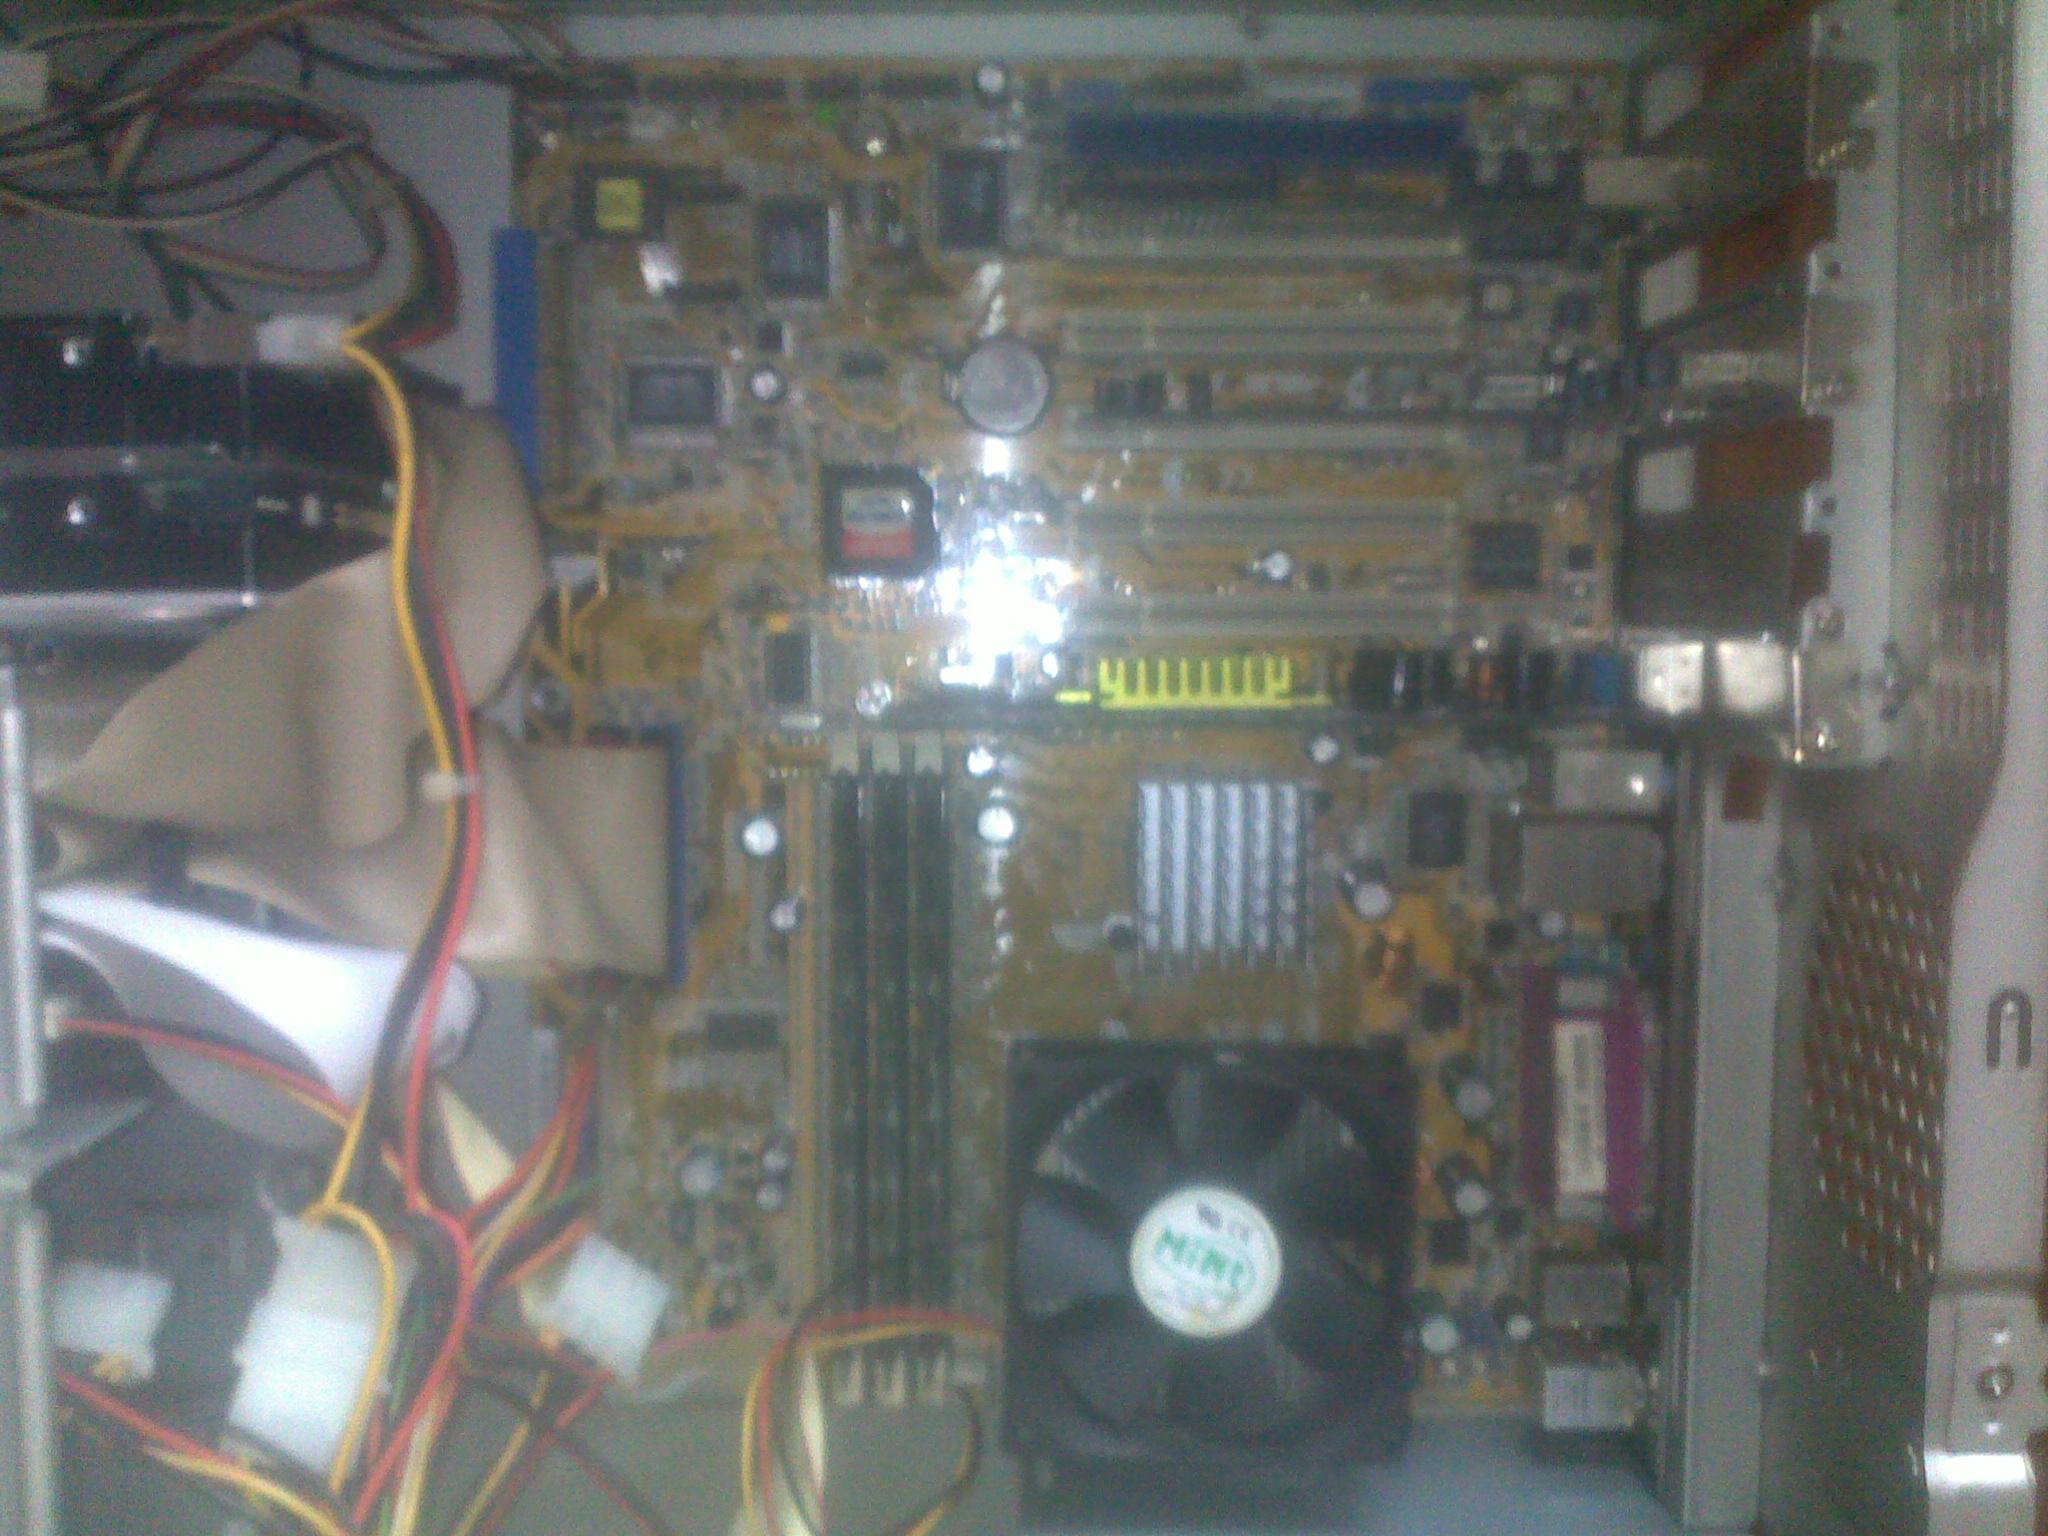 Brak d�wi�ku i problem z BIOS - Brak d�wi�ku w komputerze i problem z Biosem